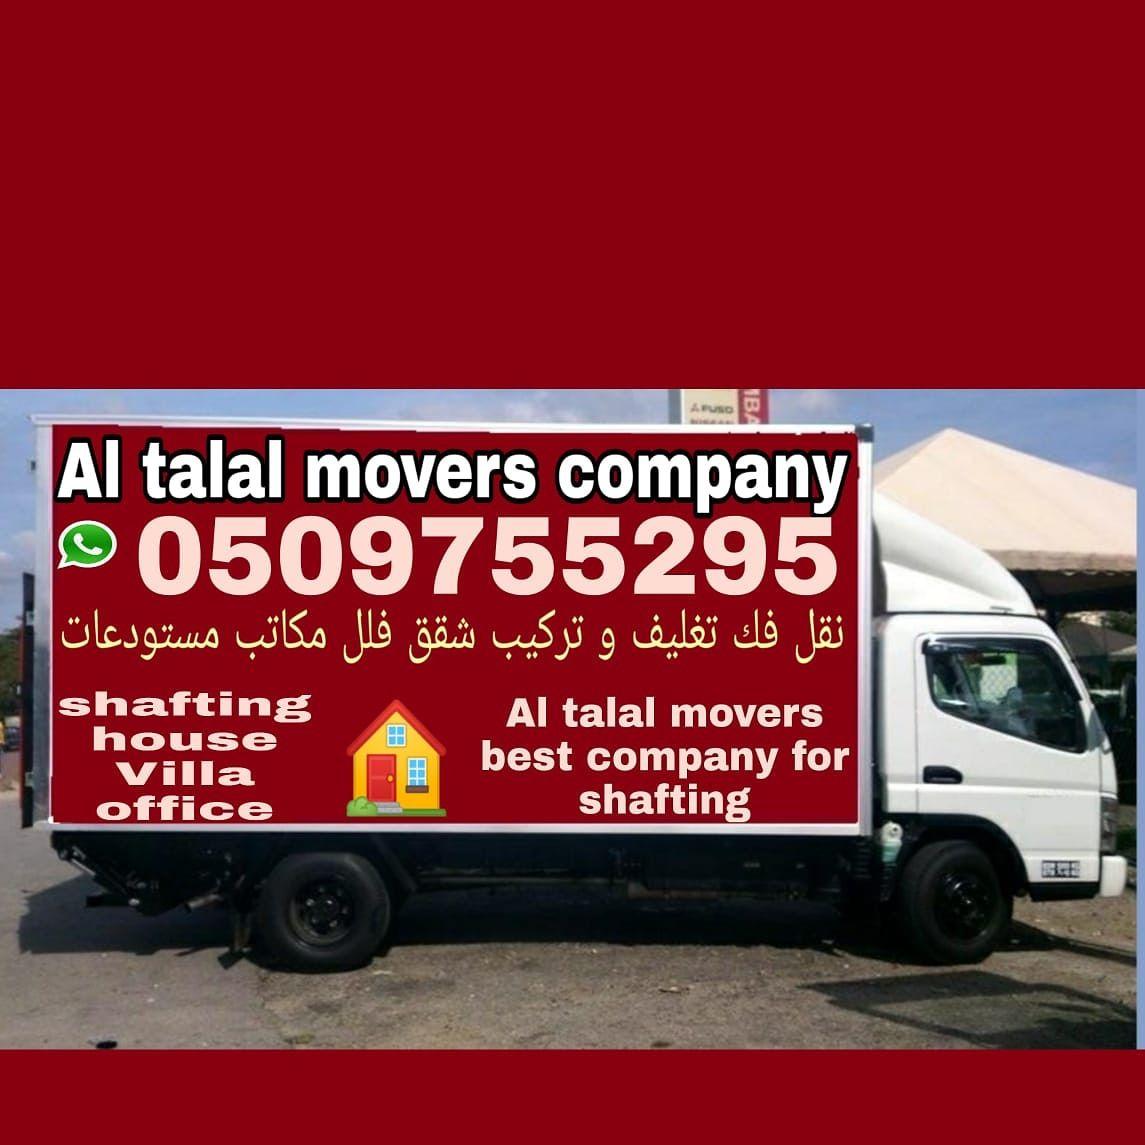 Al talal moving company